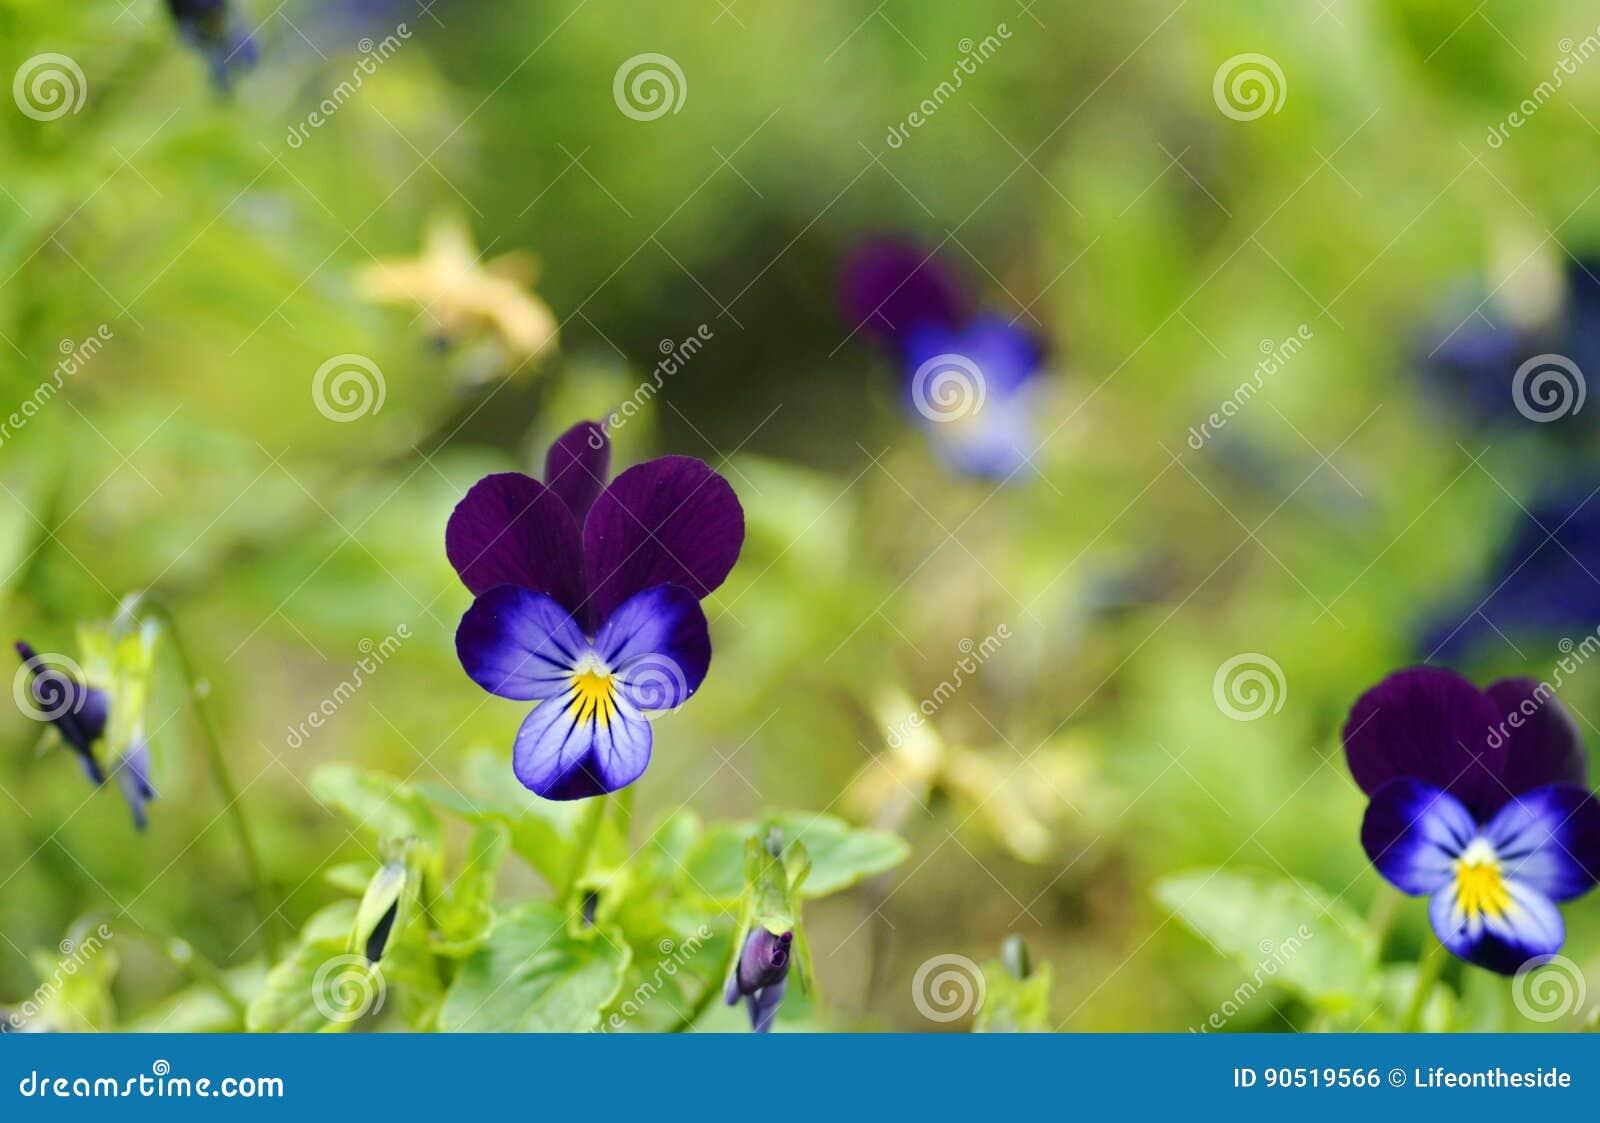 软性被弄脏的绿色背景边界紫罗兰